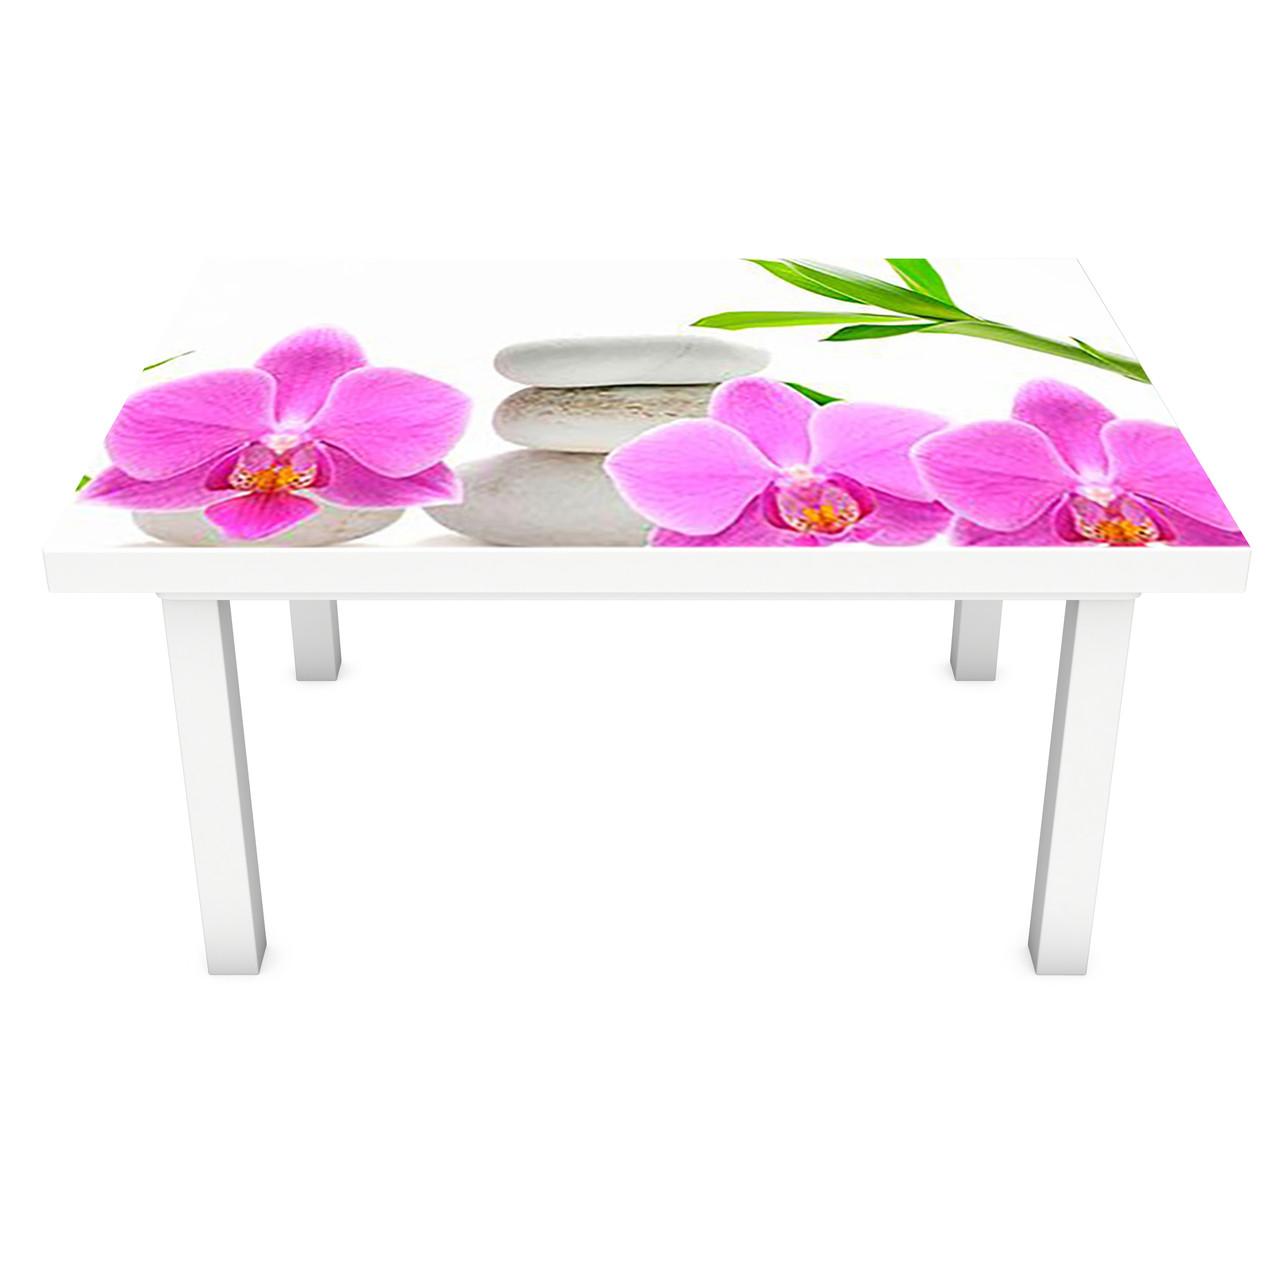 Виниловая наклейка на стол Розовые Орхидеи и Бамбук интерьерная ПВХ пленка для мебели цветы камни Белый